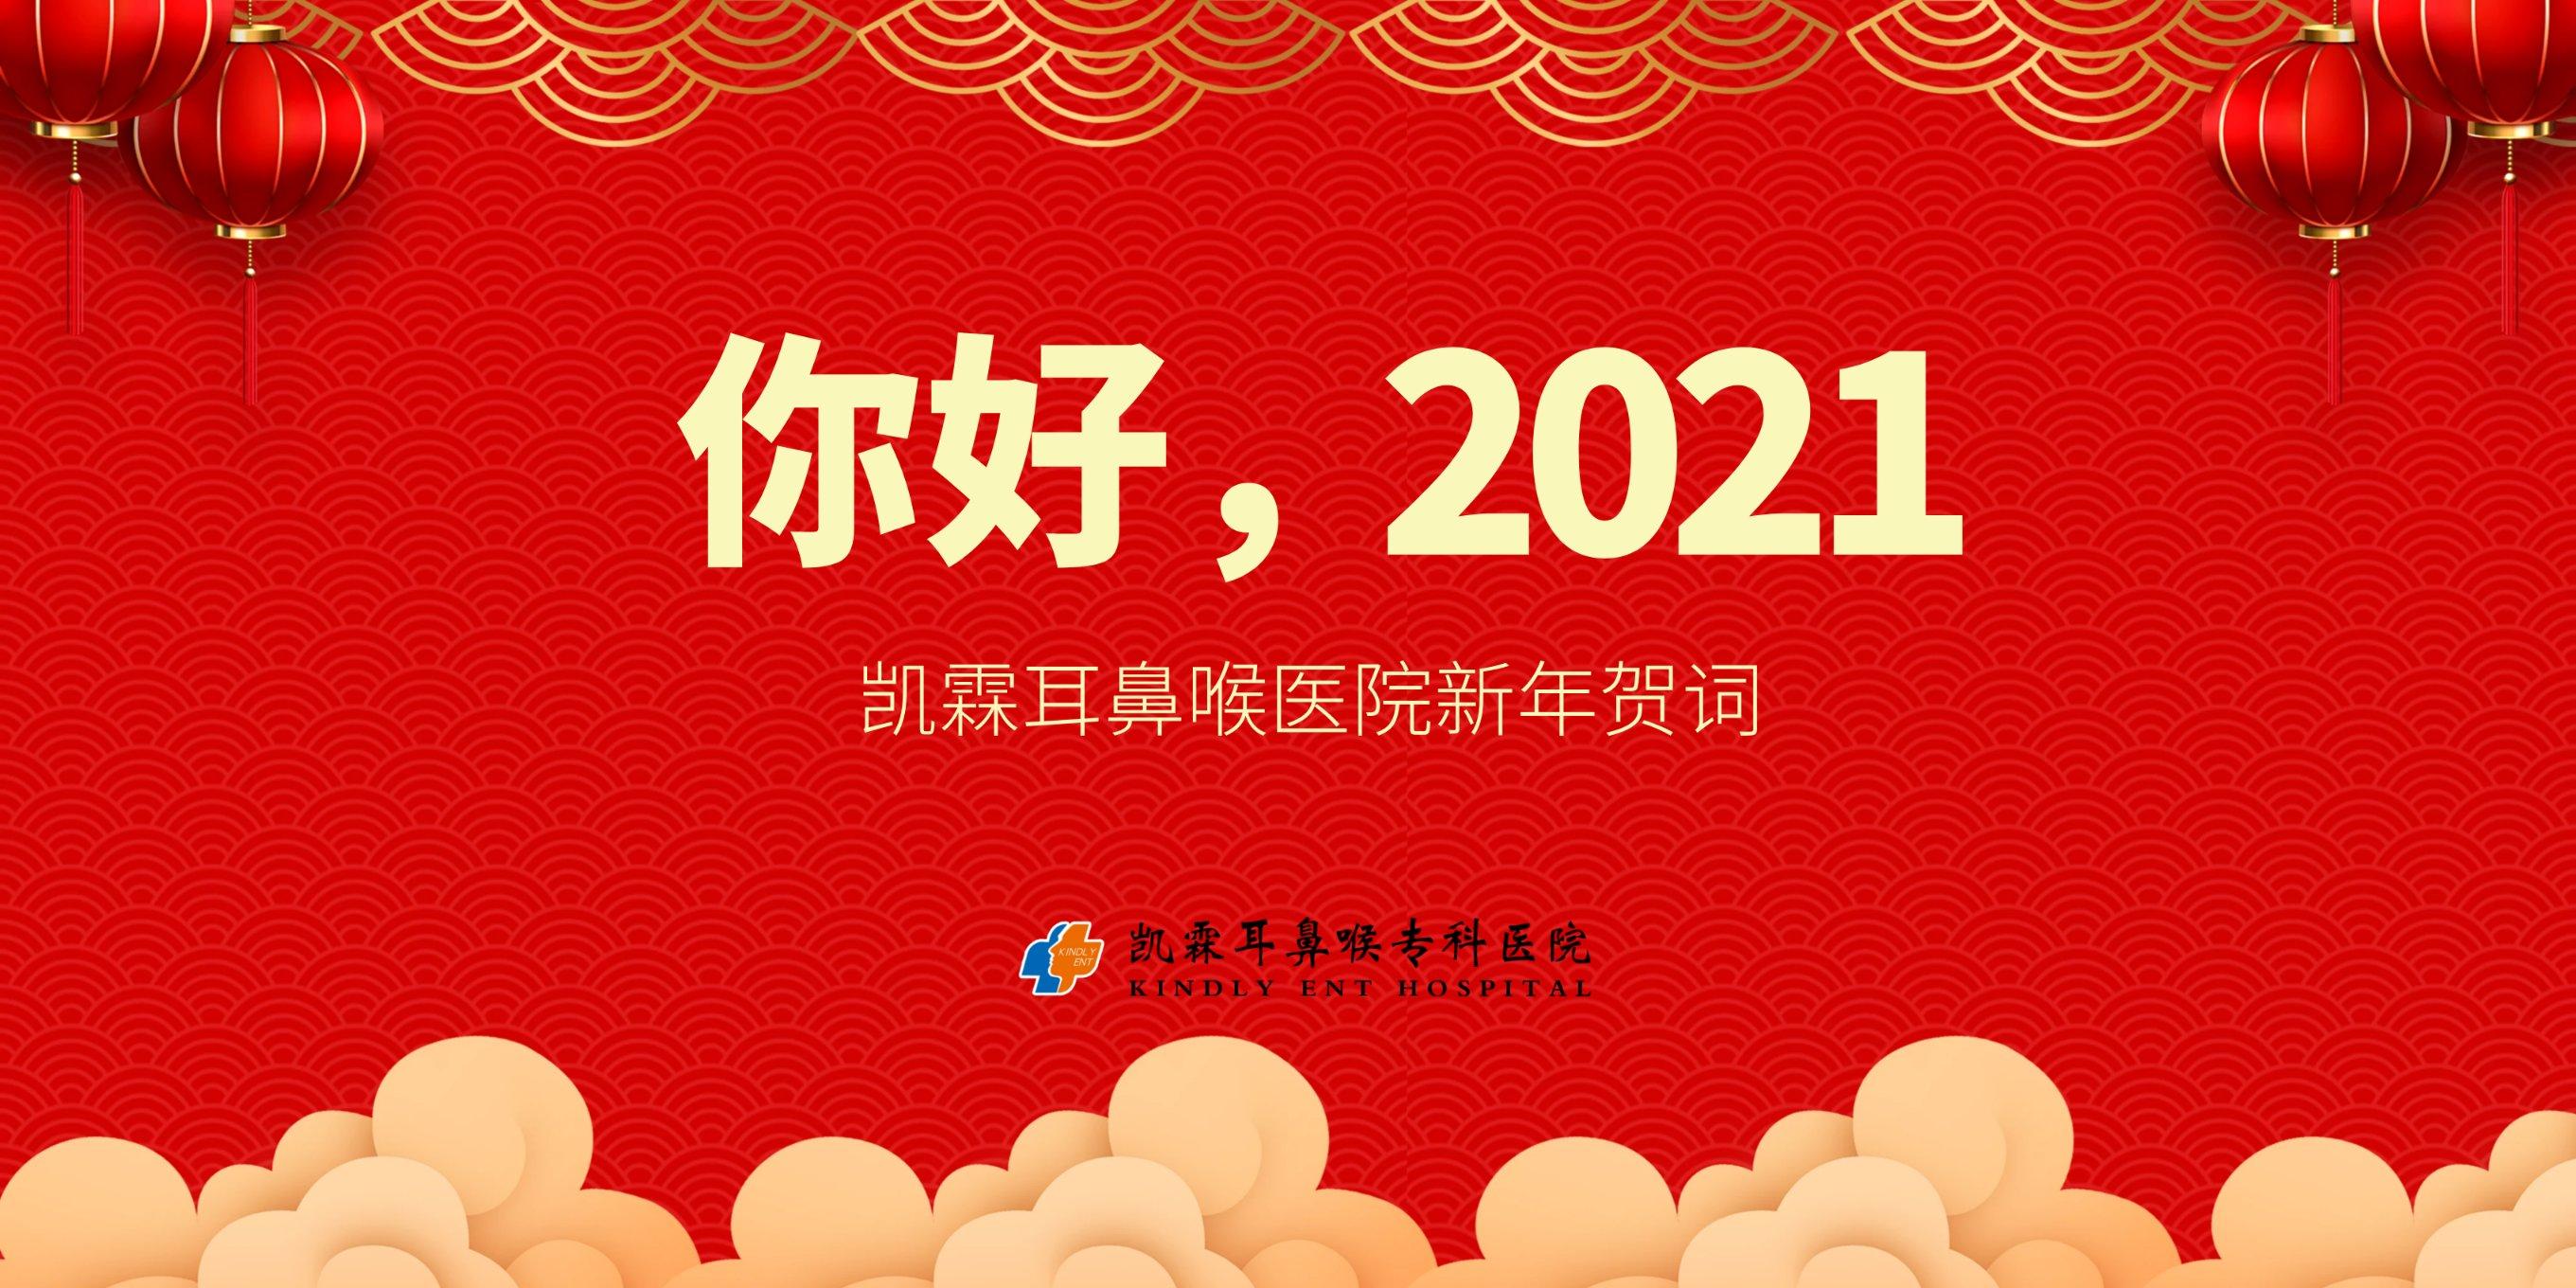 凯霖耳鼻喉医院2021年新年贺词